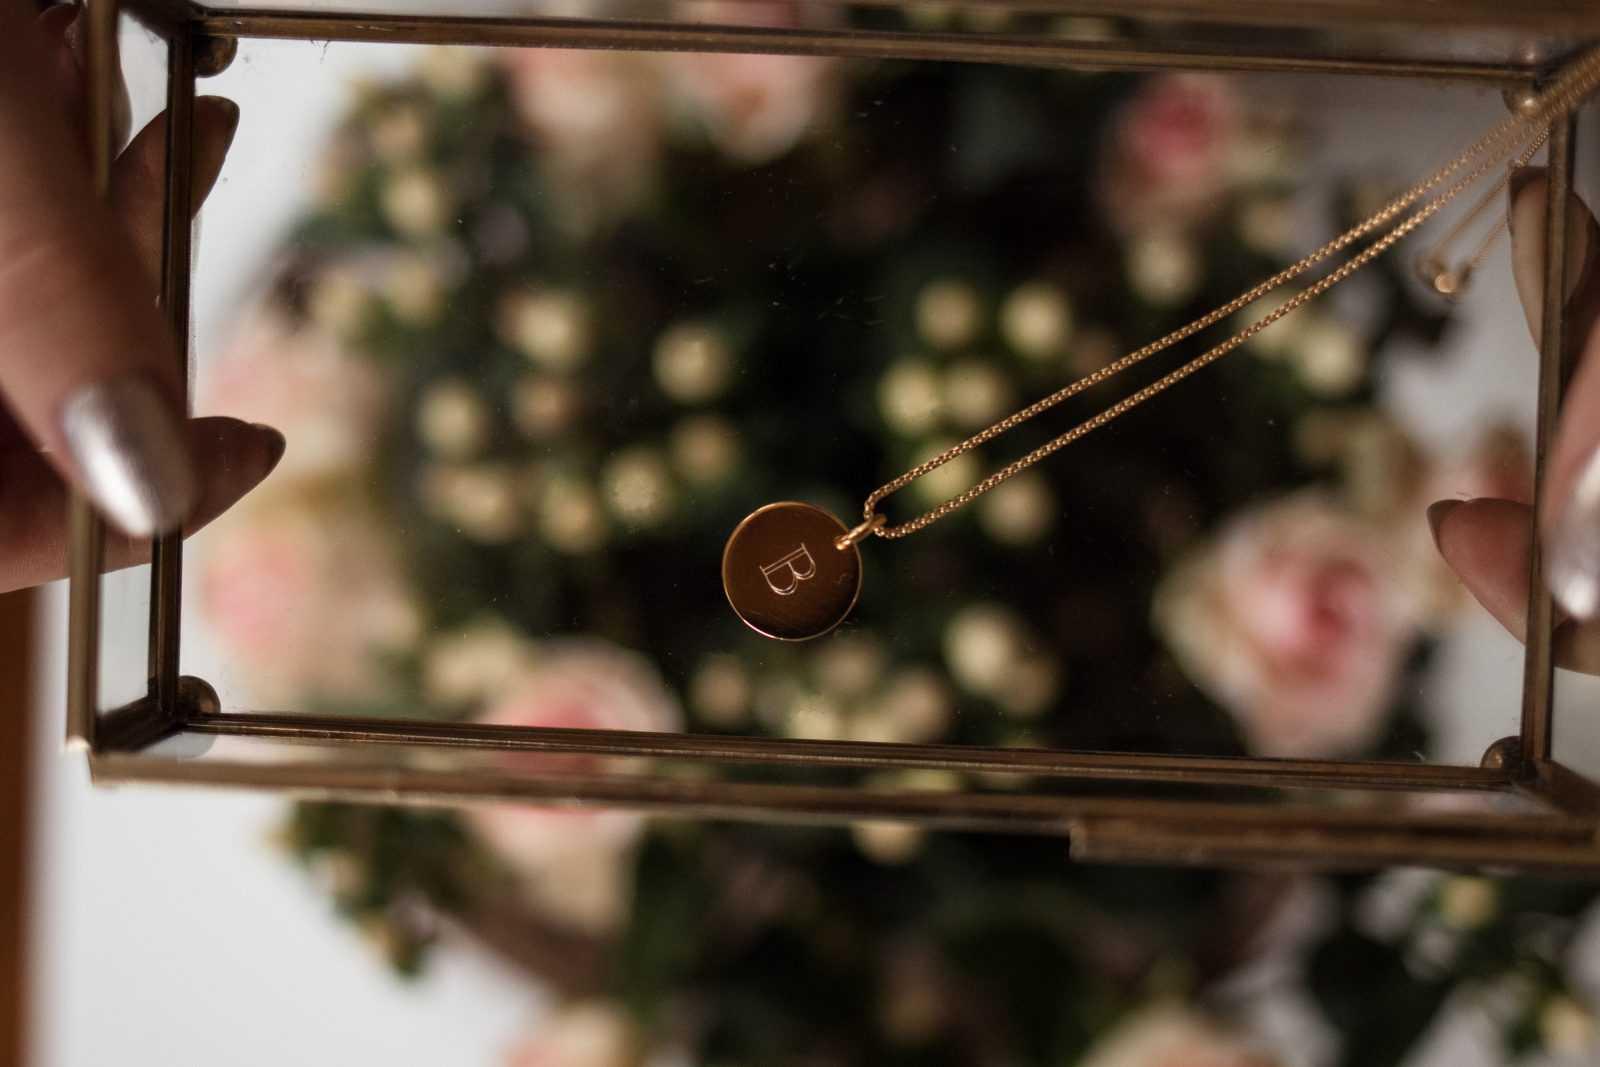 Thomas Sabo gravierter Schmuck Gravur Halskette Schmuckstücke Weihnachtsgeschenk Weihnachten gold Sariety Fashionblogger Modeblog Heidelberg_12